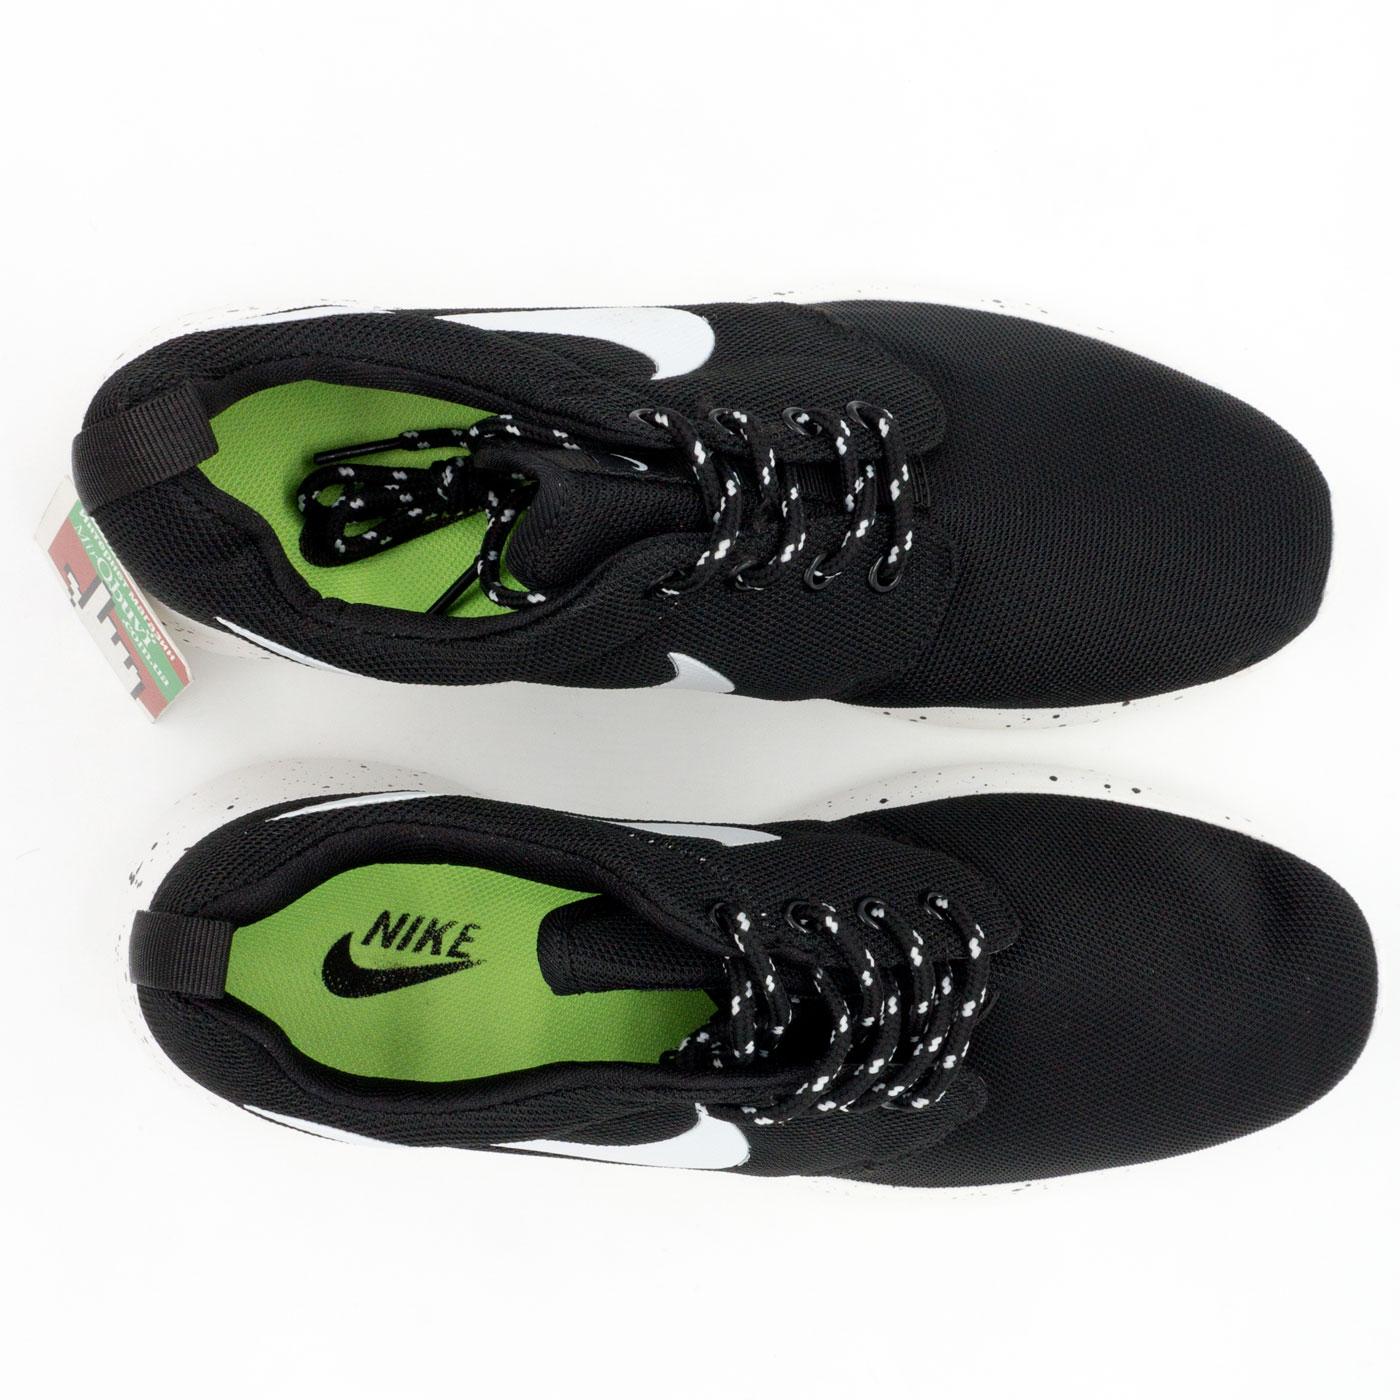 фото back Nike Roshe Run черно белые в крапинку. back